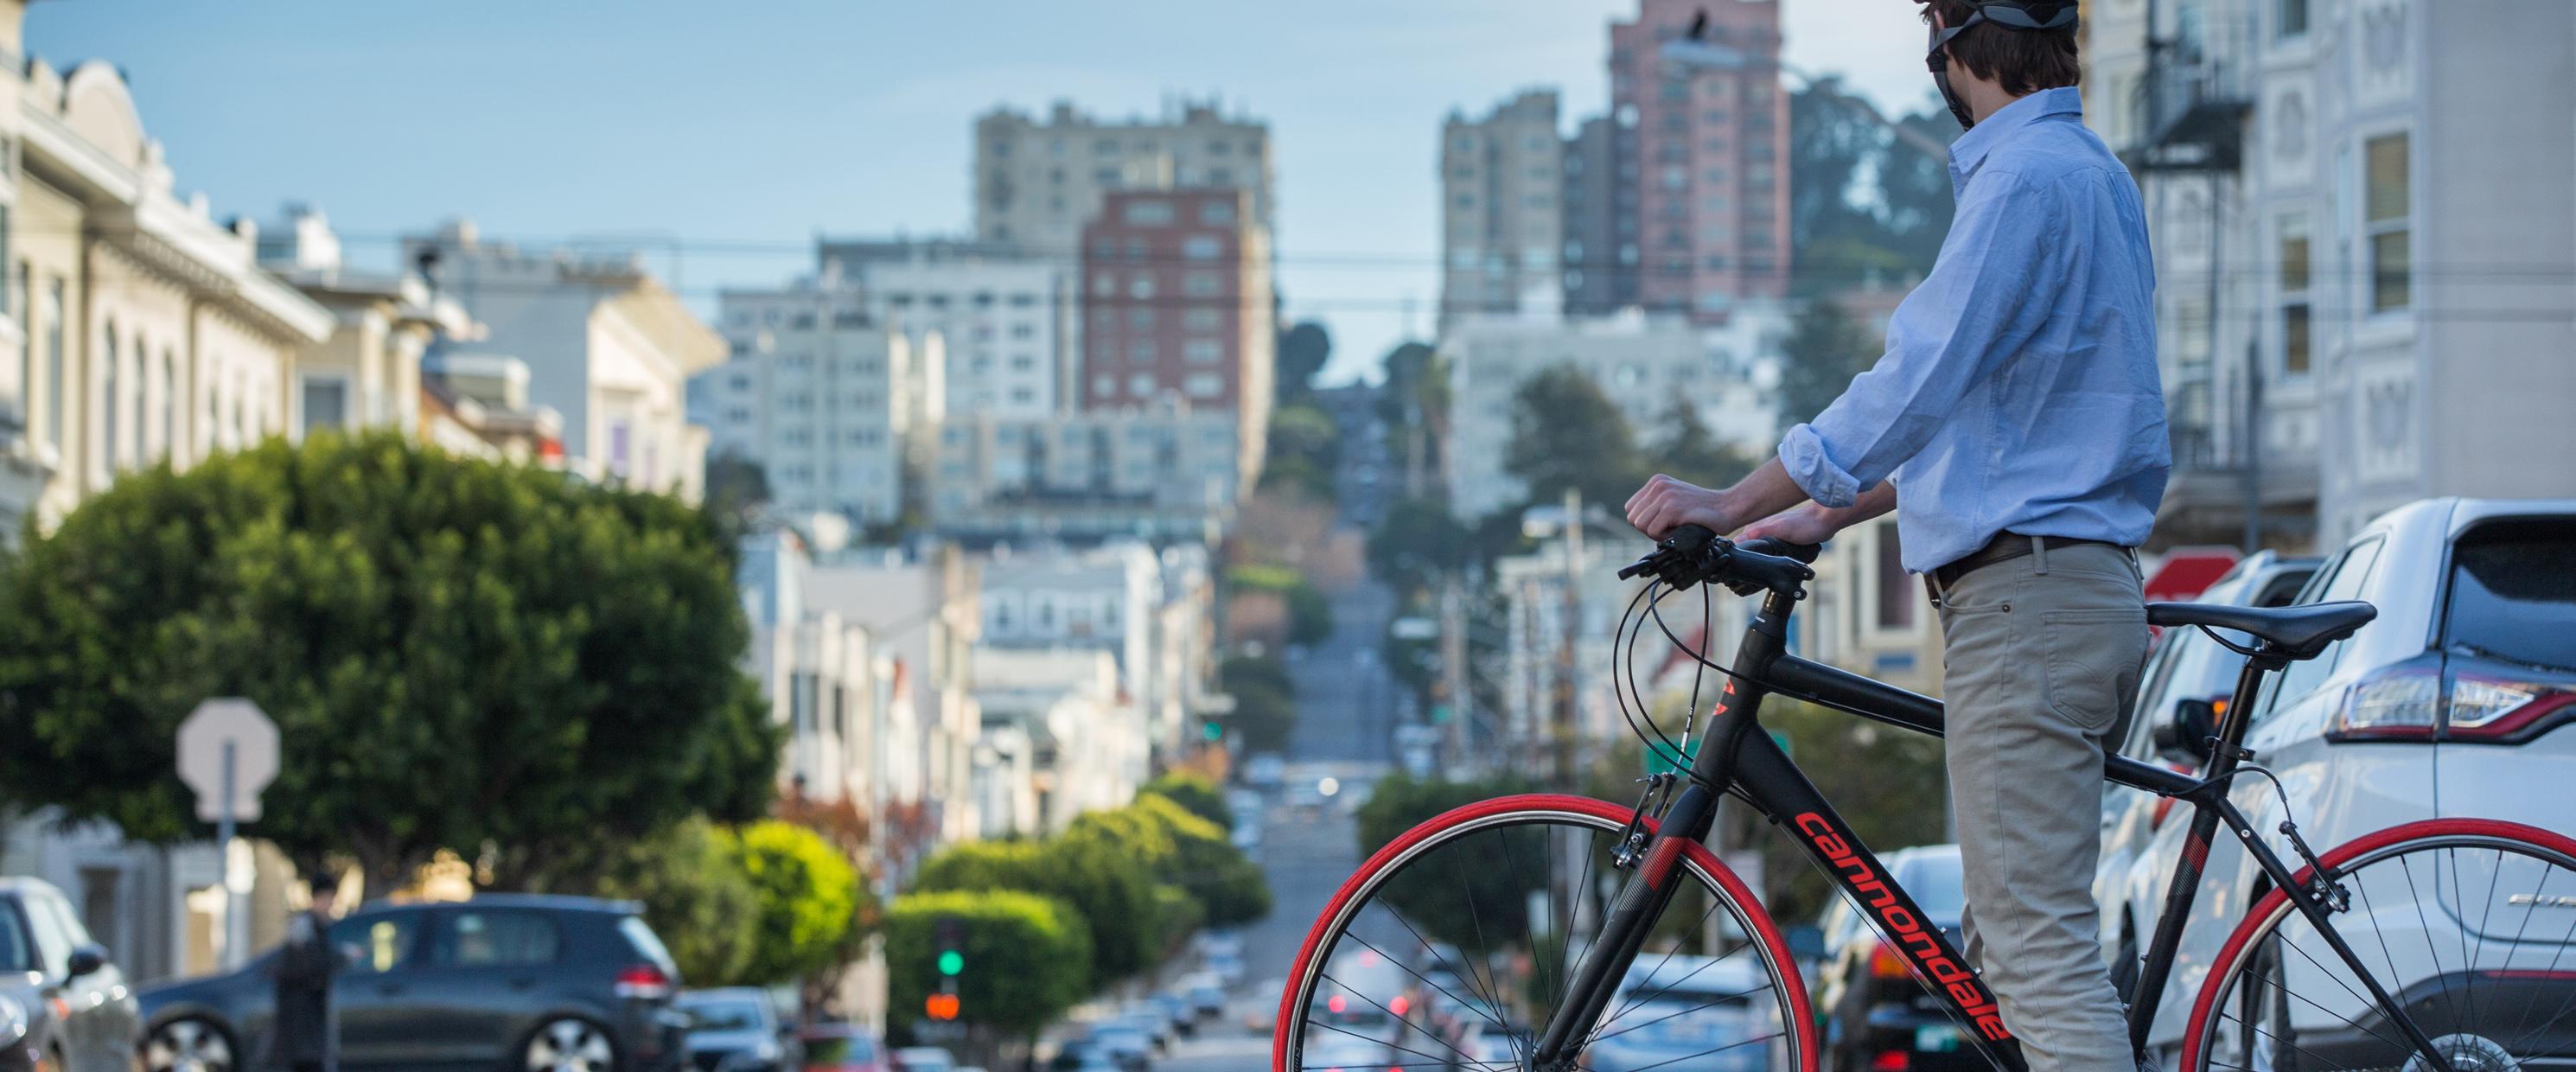 Tannus cykeldæk til citybike